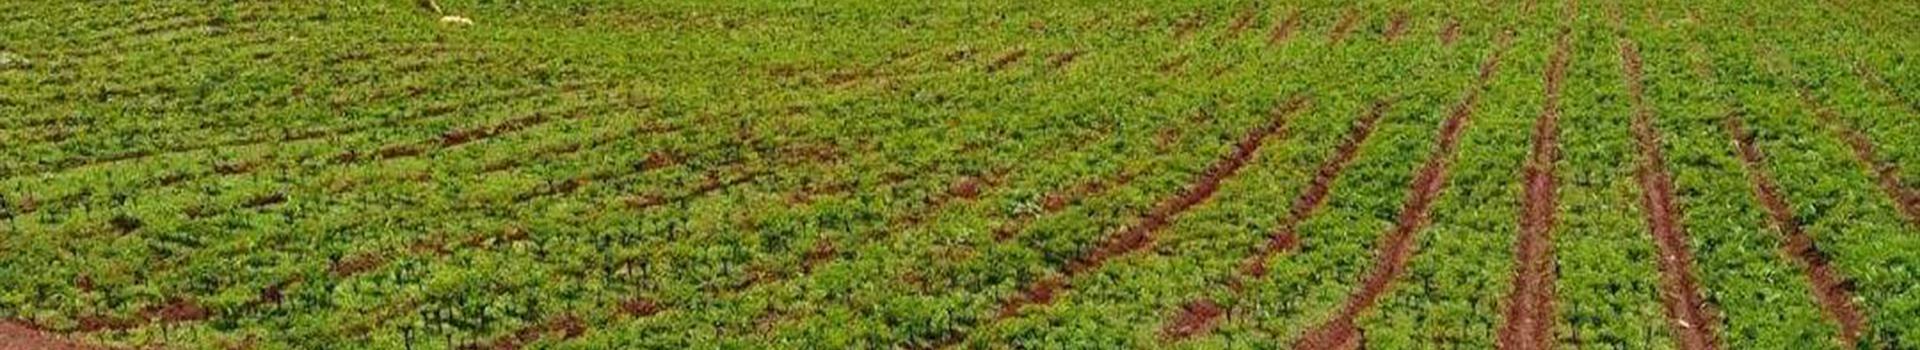 绵阳北川黄精种苗播种和管理教